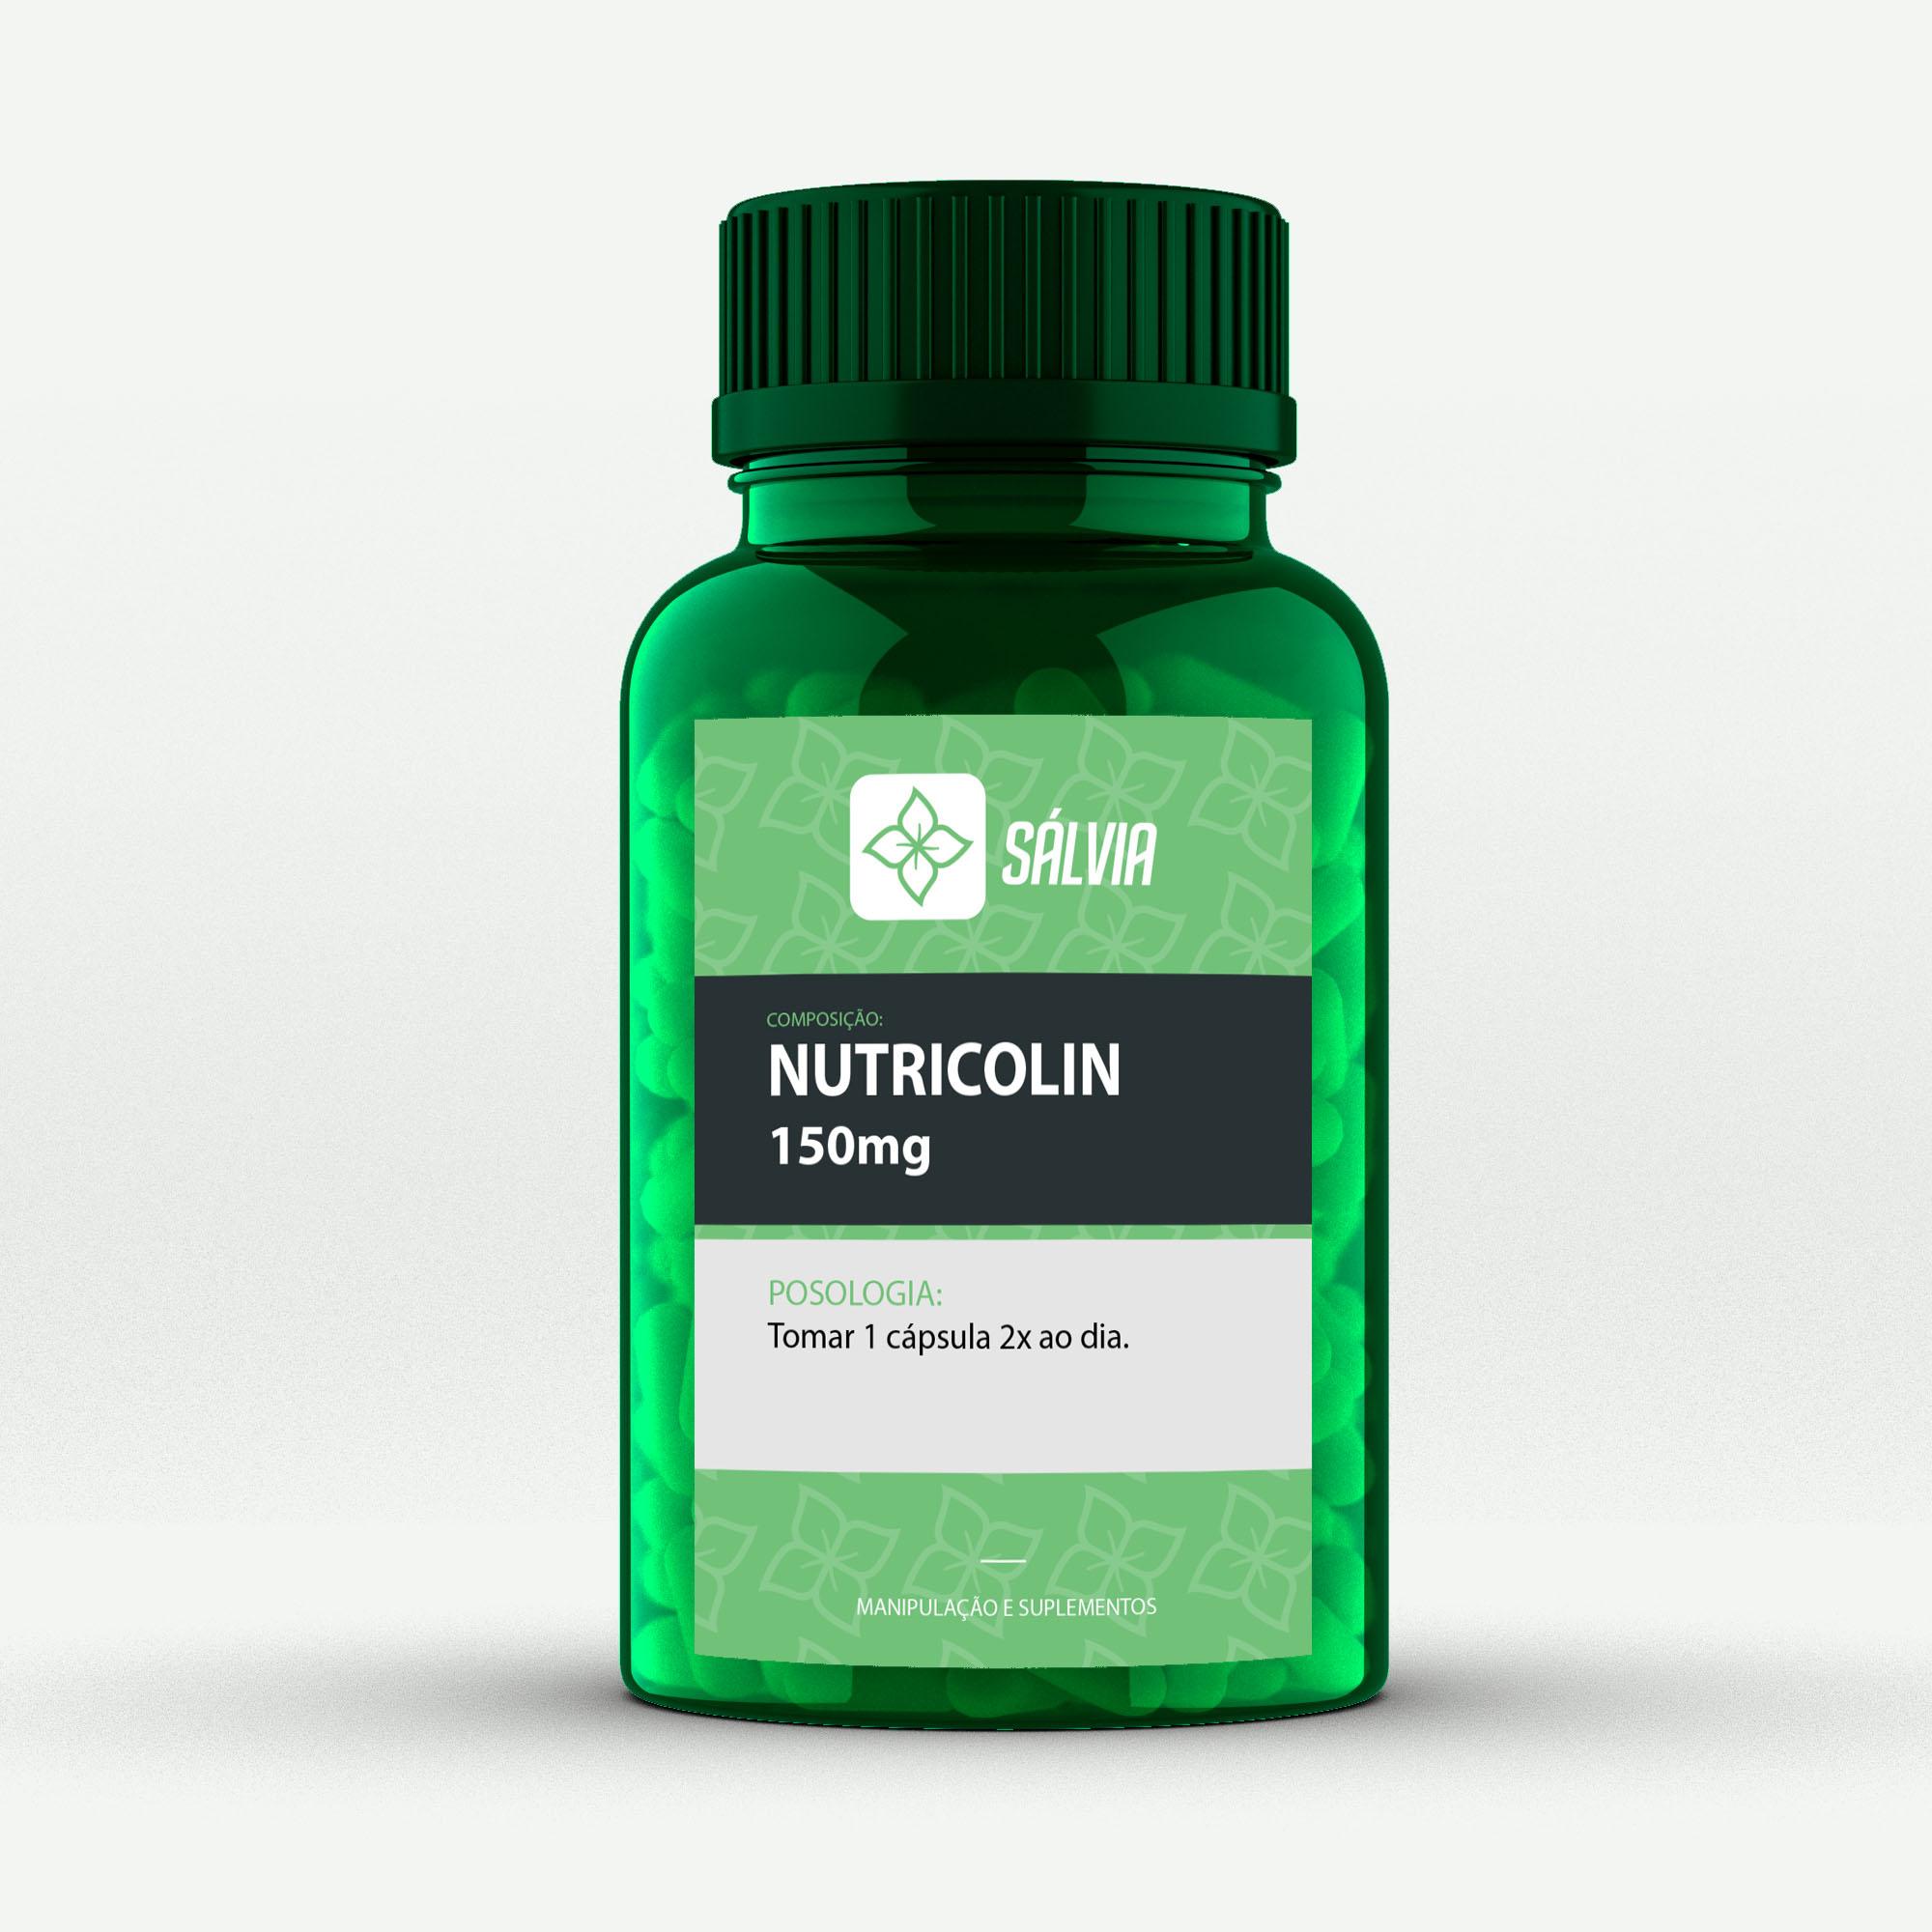 NUTRICOLIN 150mg - Cápsulas